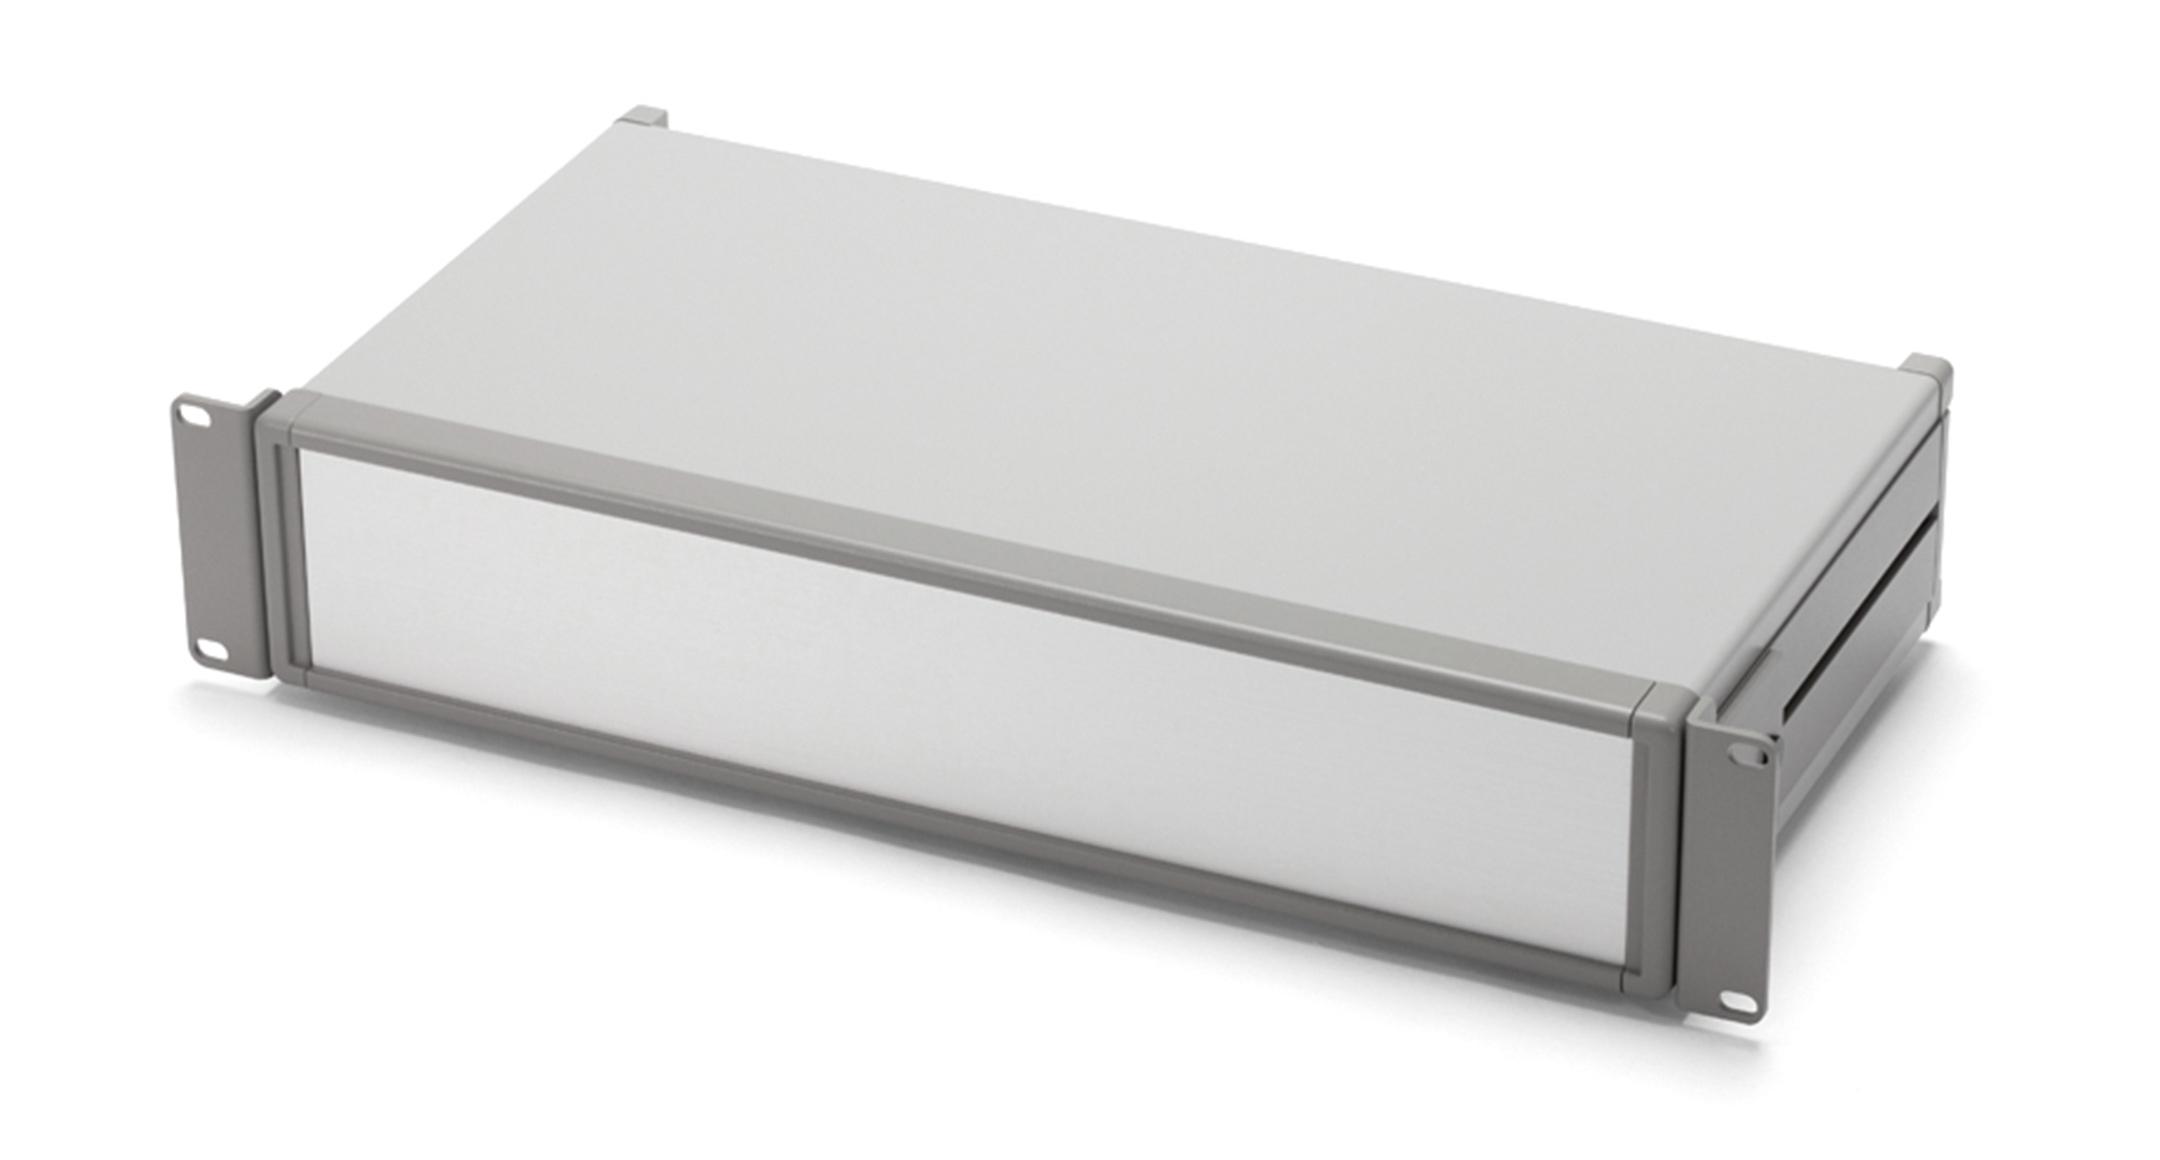 アルミシステムラックケース MORシリーズ(上下カバーアルミ製):グレー/シルバーの画像